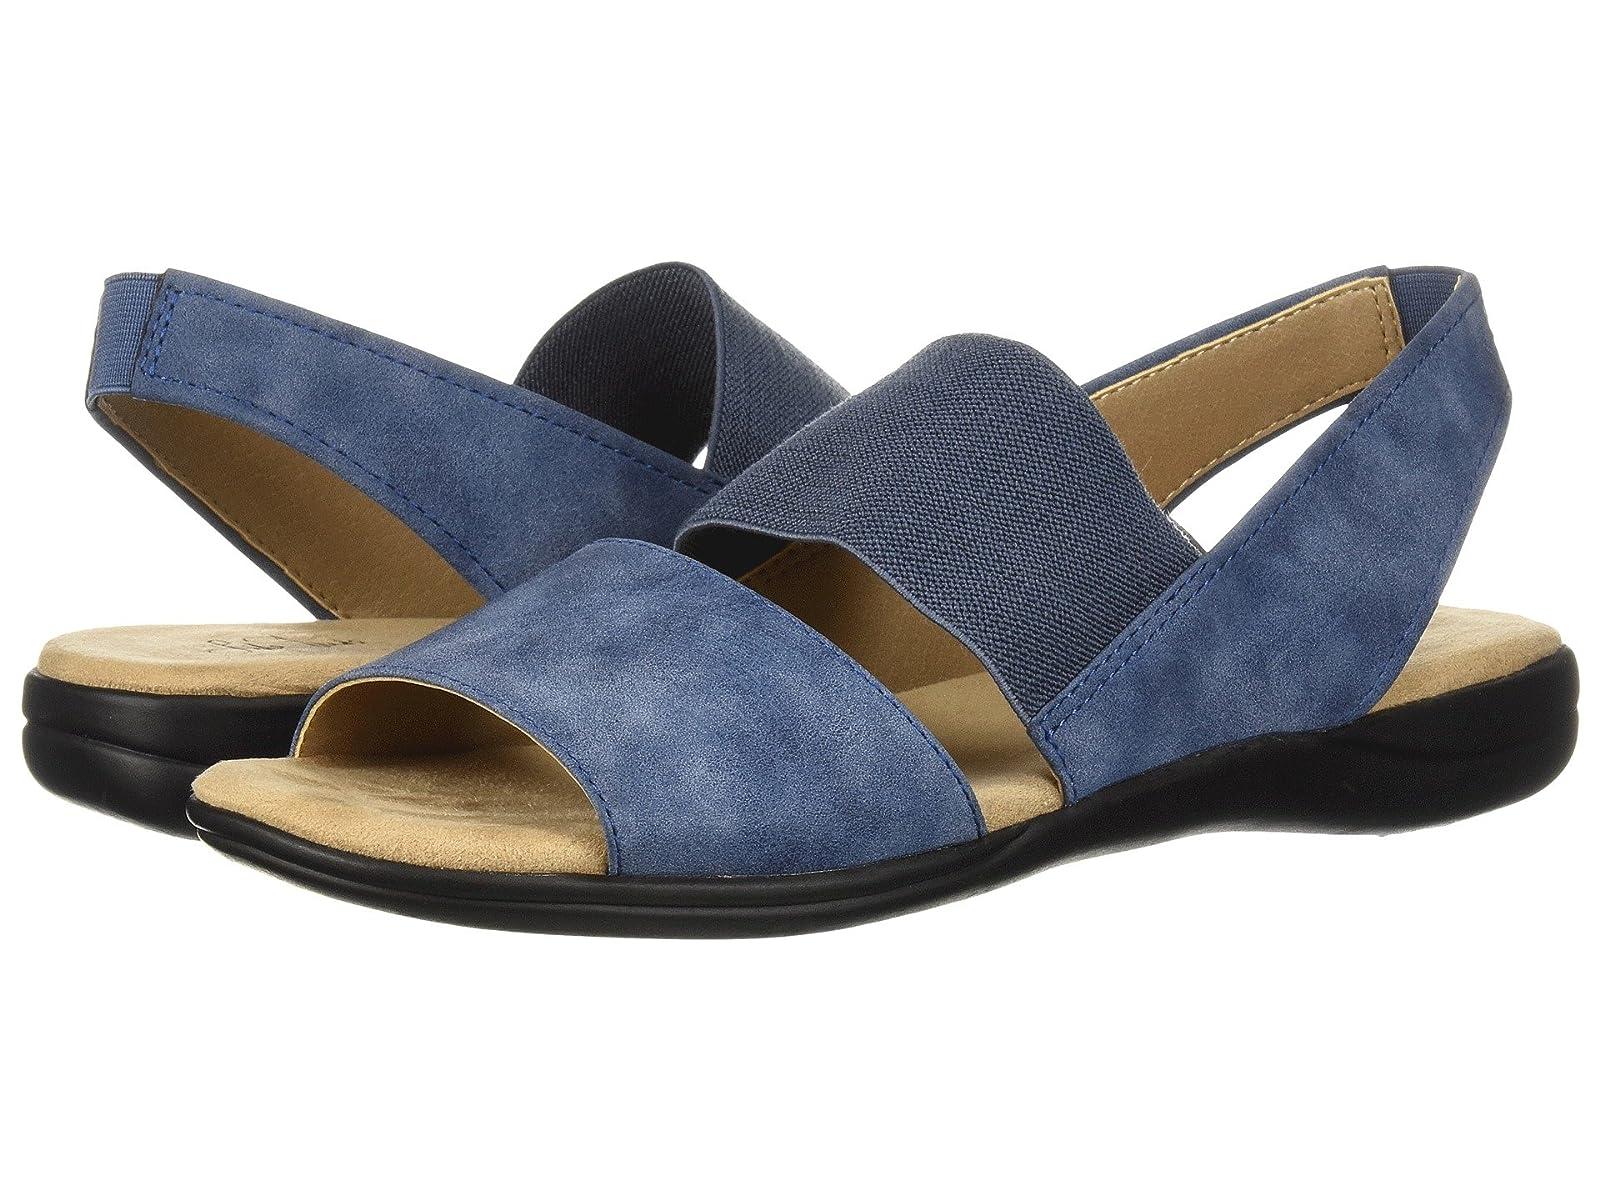 LifeStride EasilyAtmospheric grades have affordable shoes